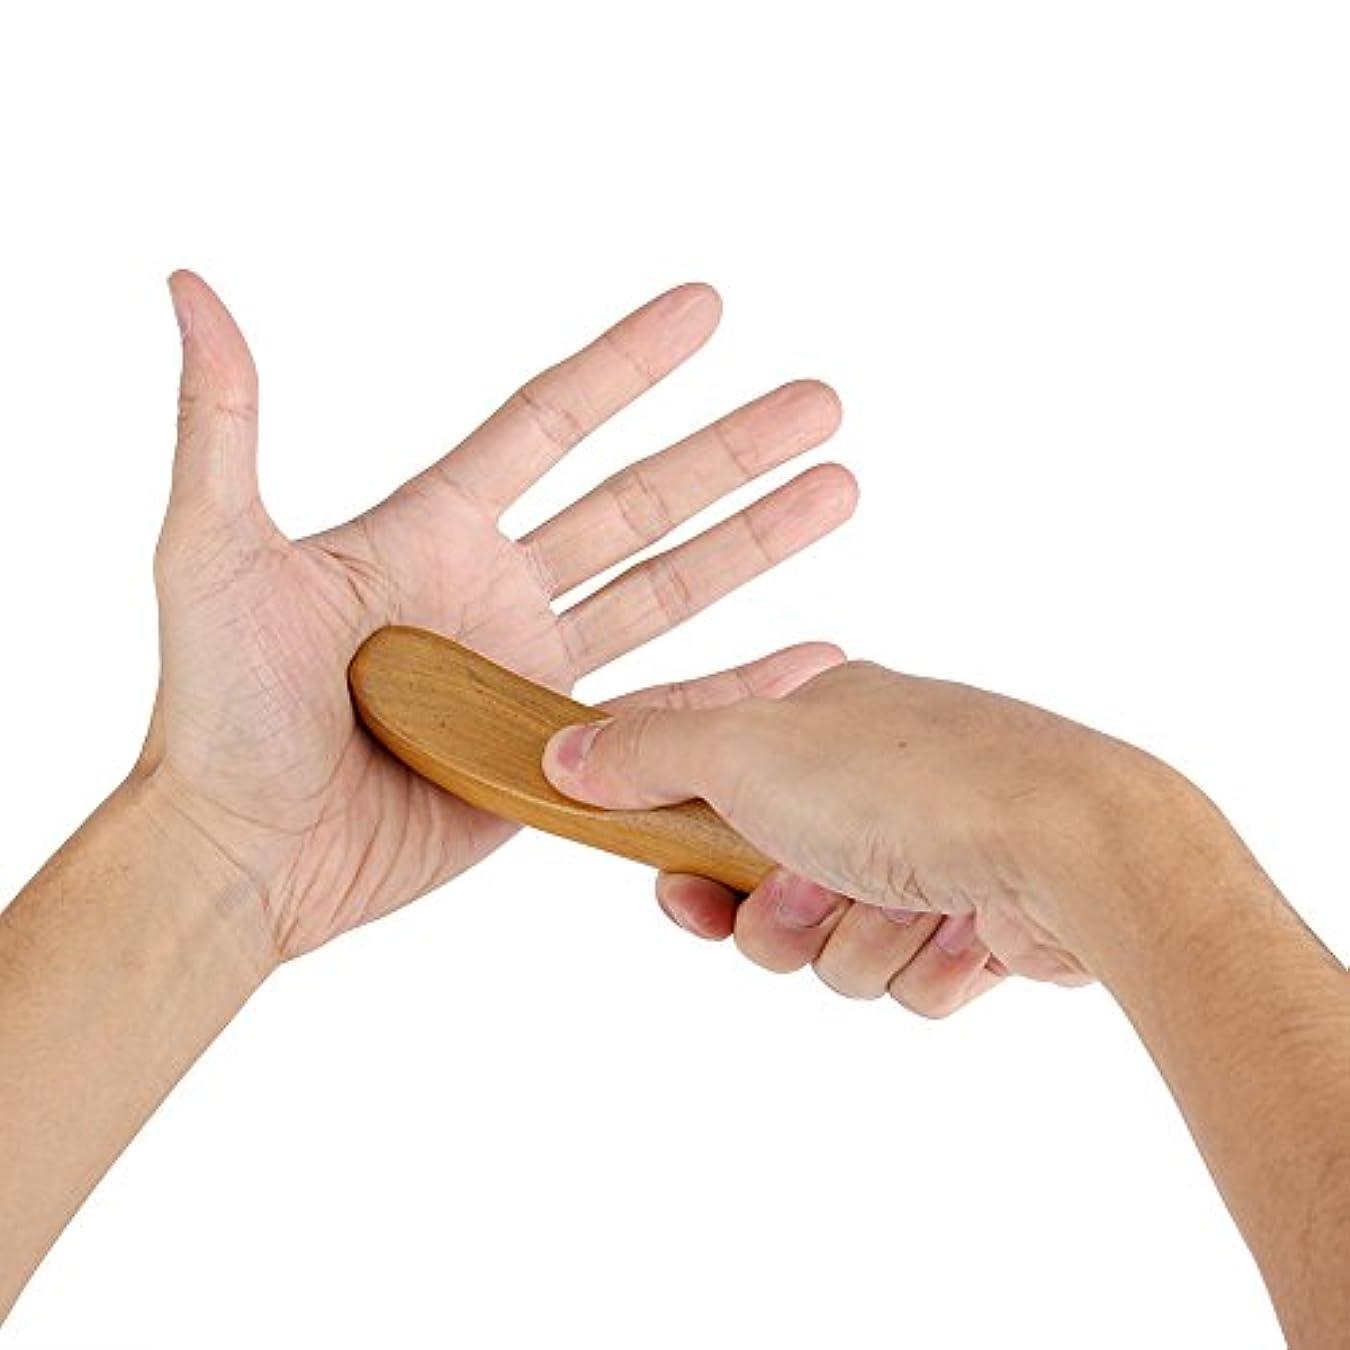 絶対の彼女辞任する香りのよい木指圧ポイント子午線掻き寄せスティックミニフィンガーバックボディマッサージャー